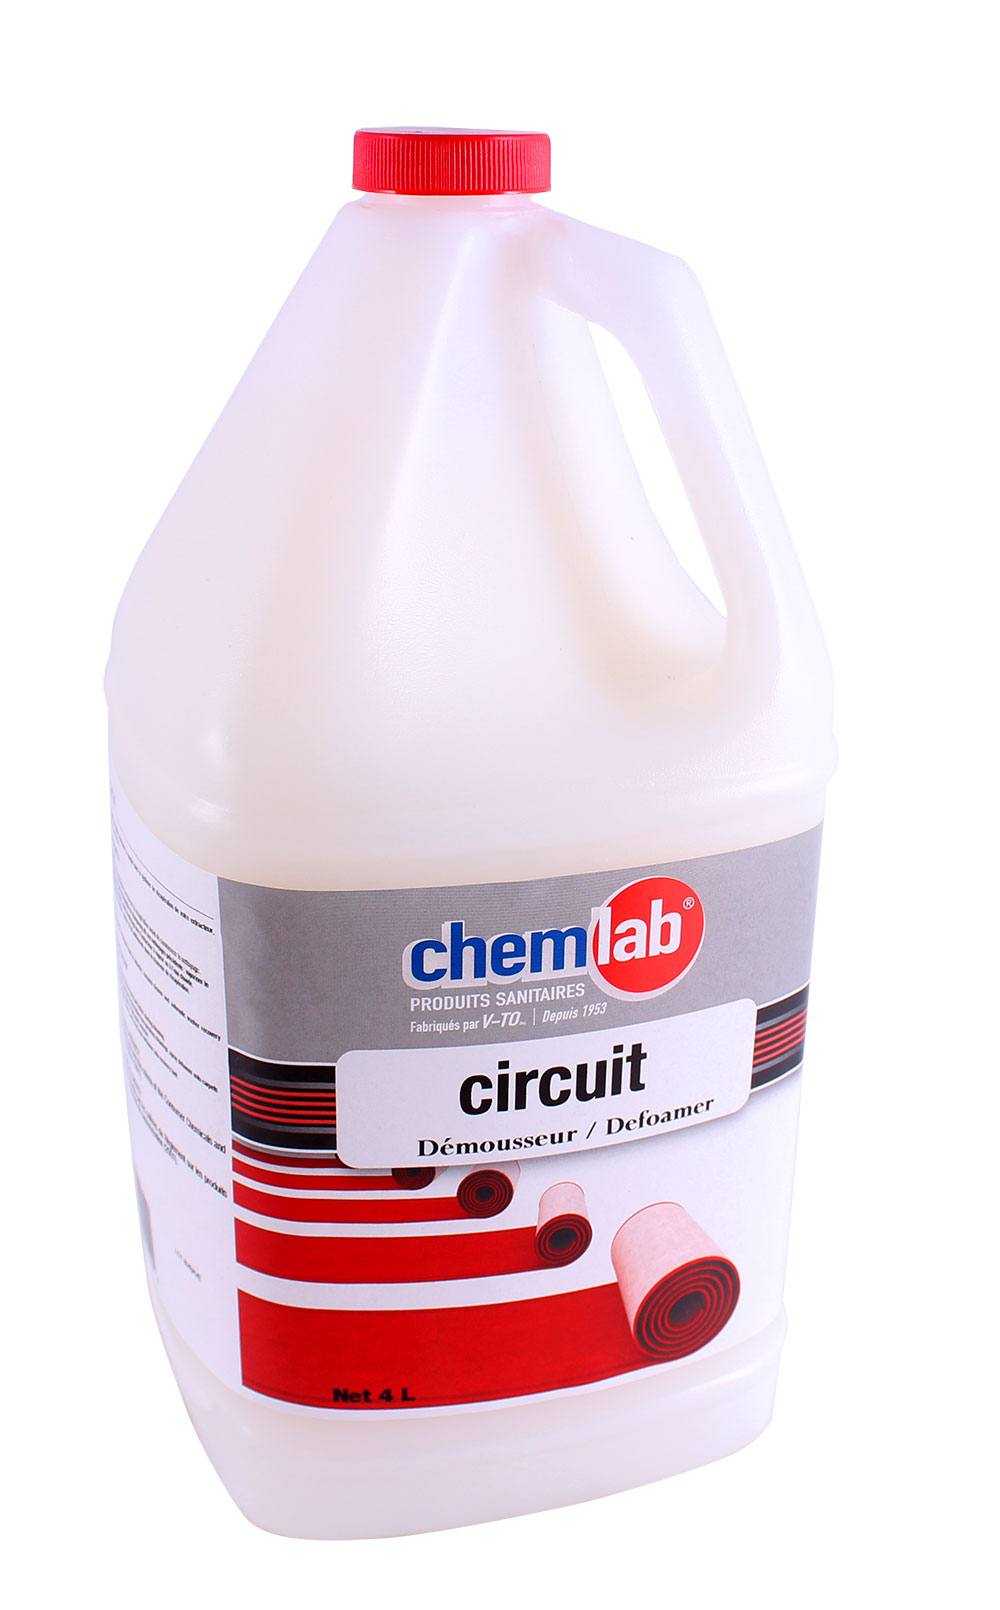 Circuit – Démousseur